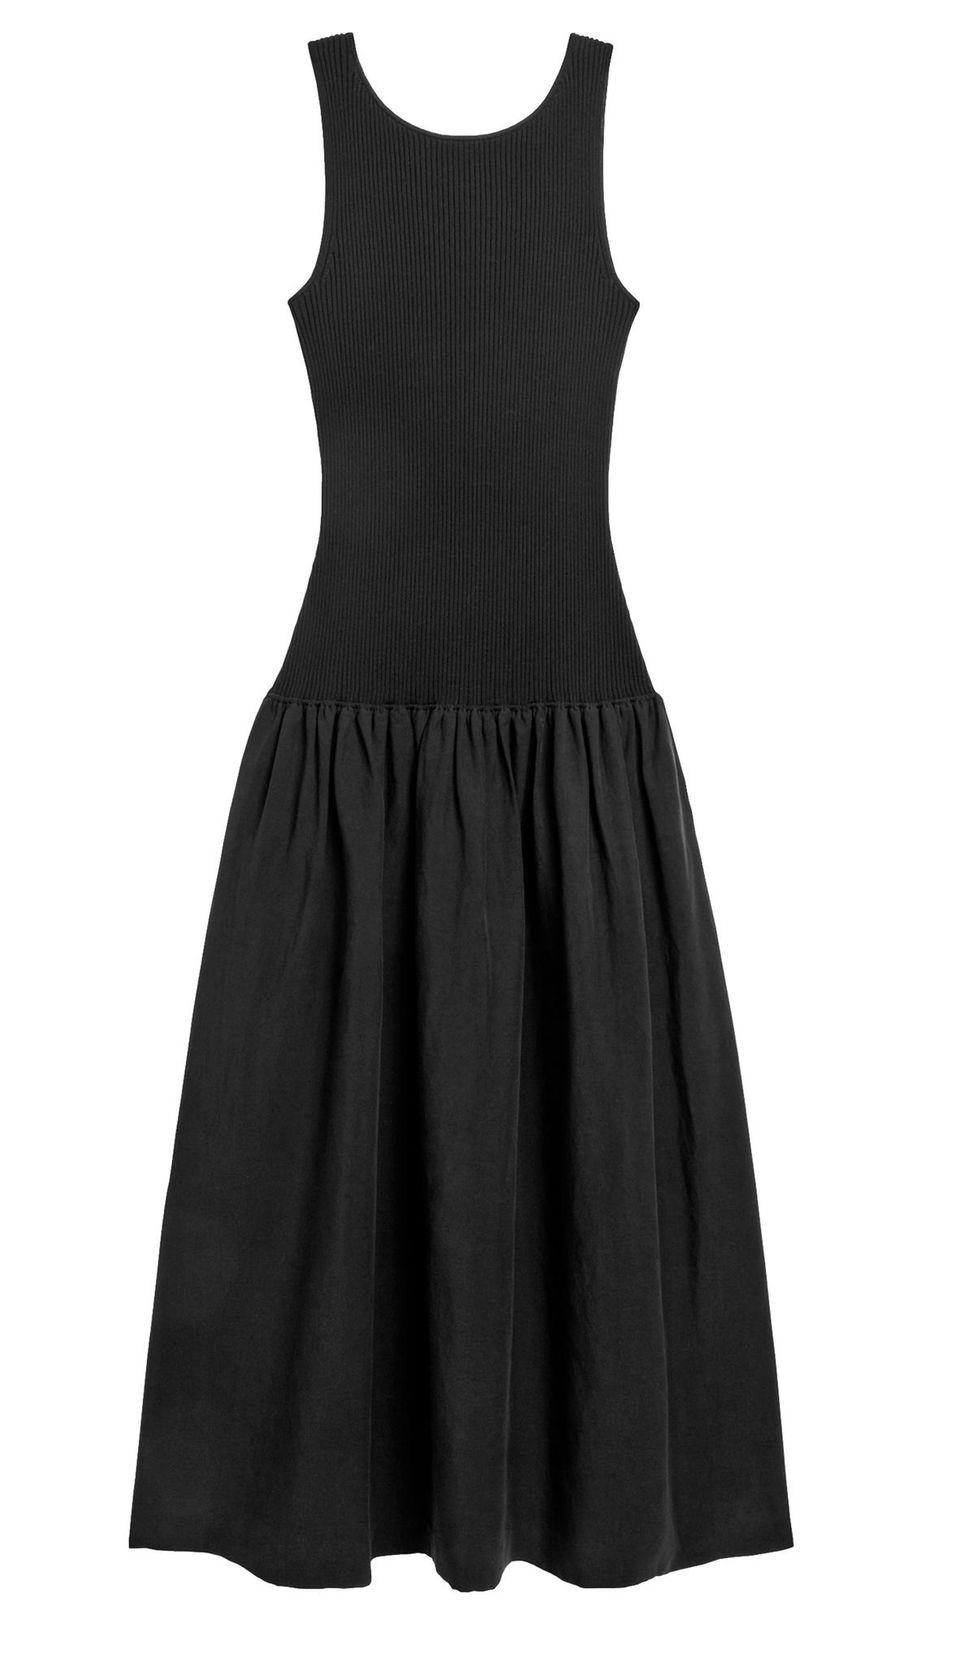 Den eigenen Stil finden: schwarzes Kleid